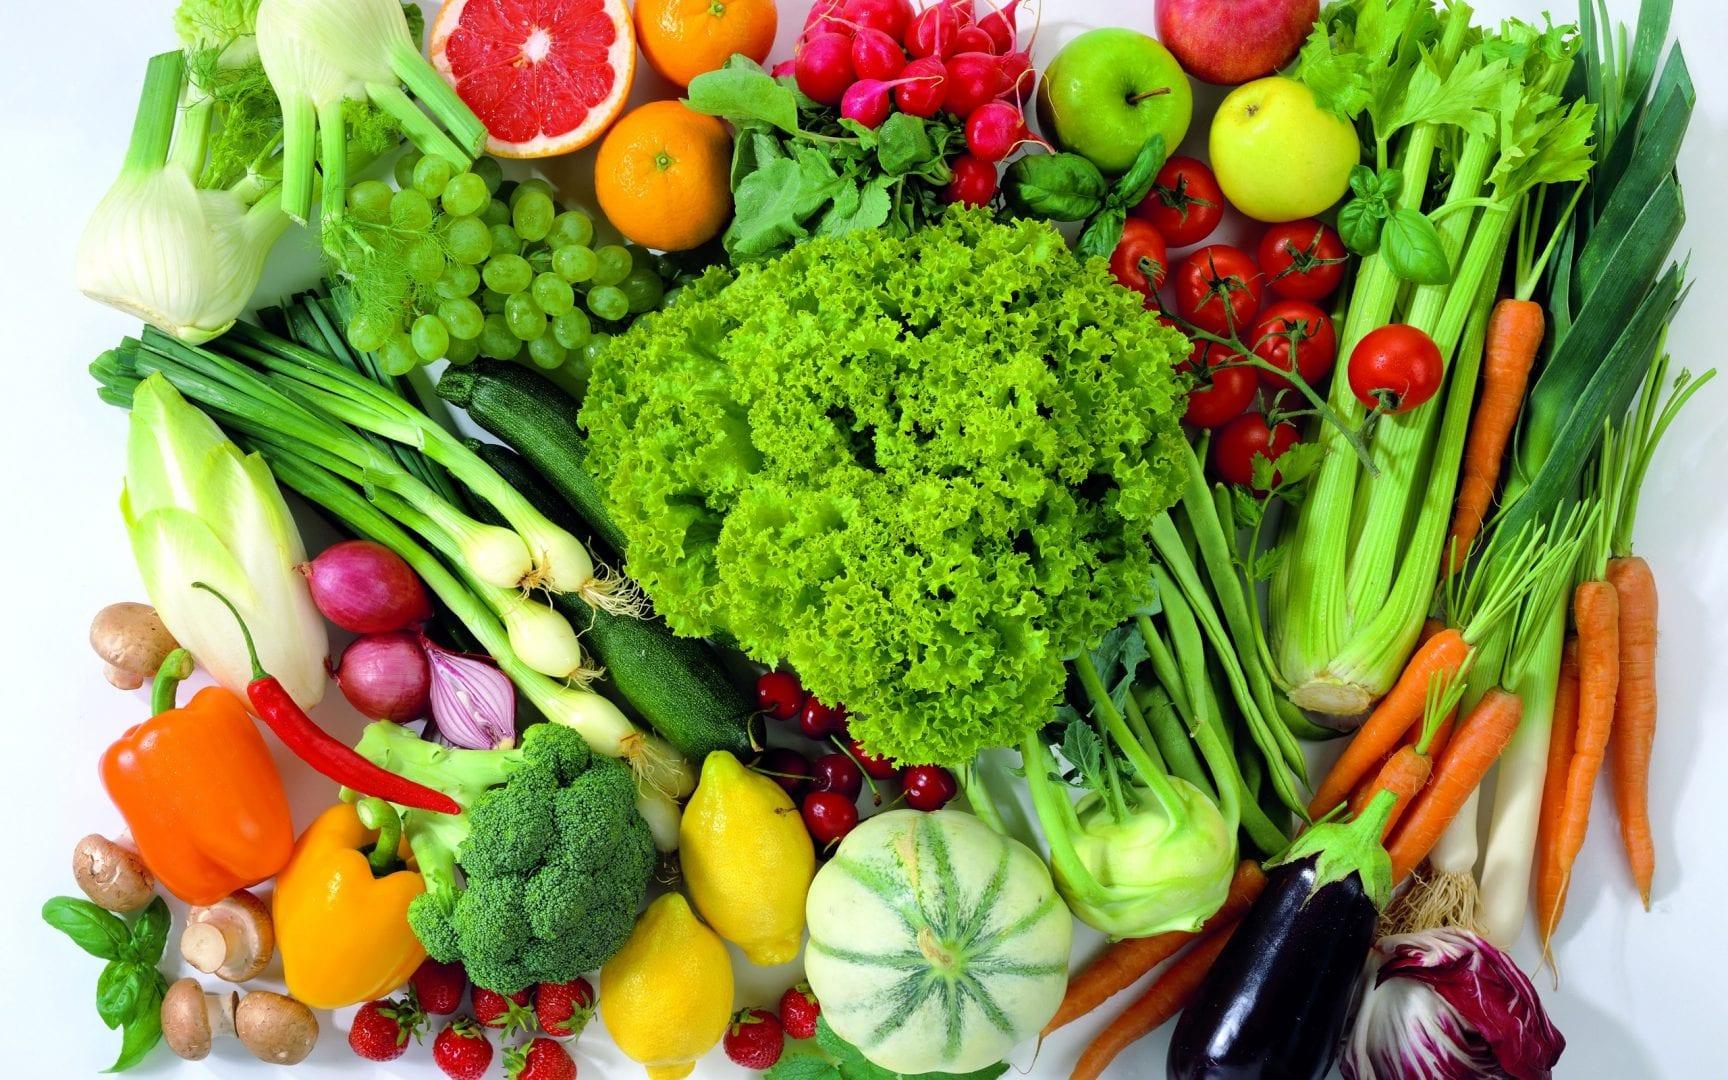 Alimentos que melhoram a pele - 8 exemplos saudáveis e saborosos